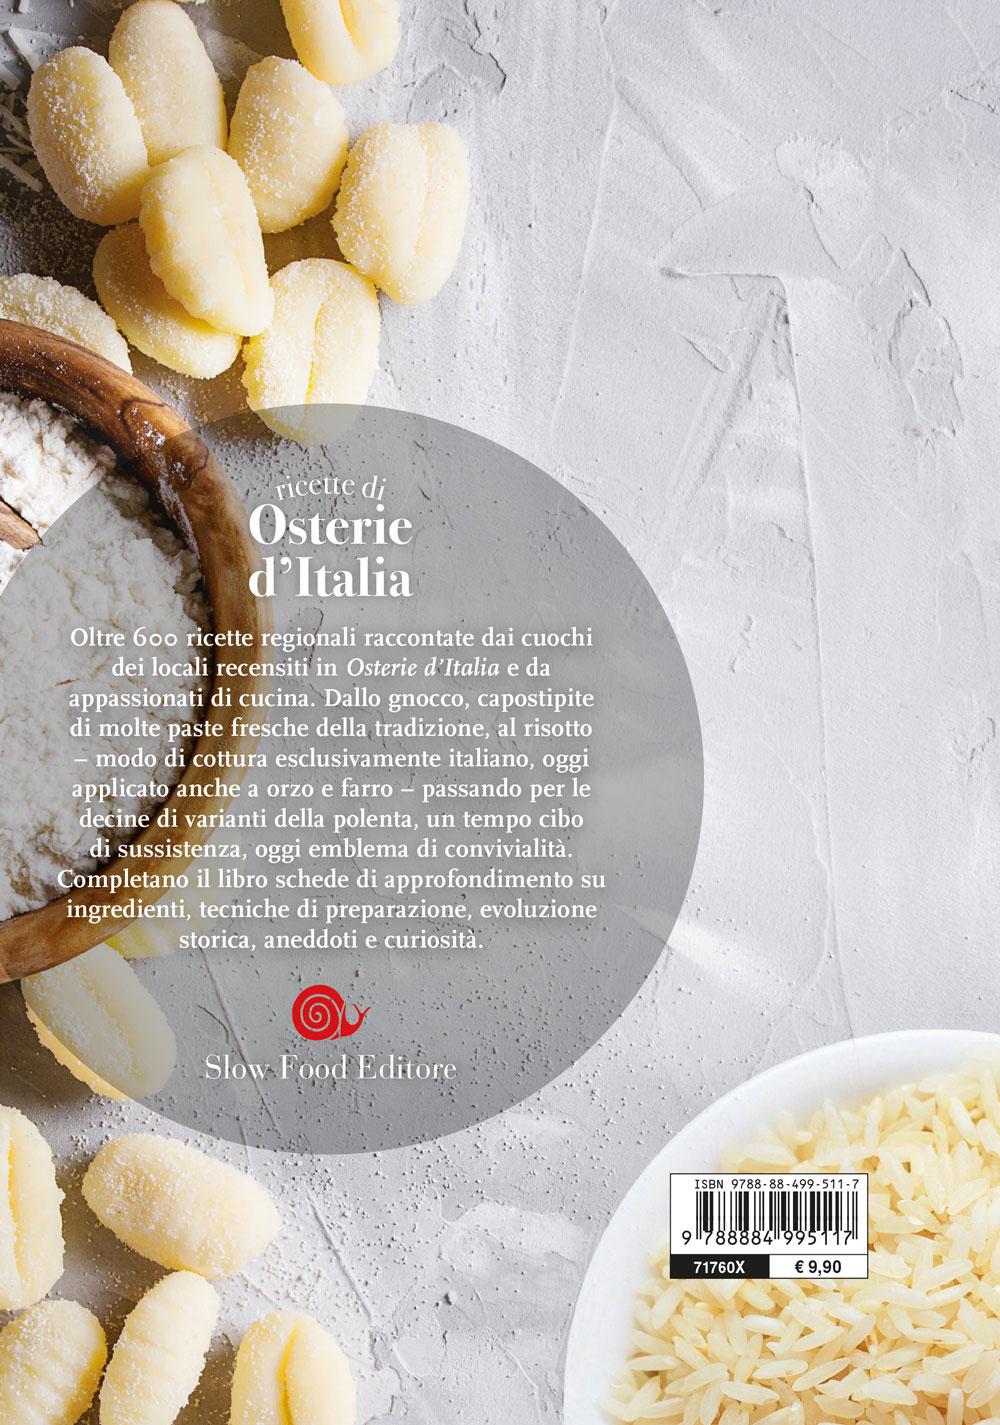 Ricette di osterie d'Italia. Riso, polenta, gnocchi